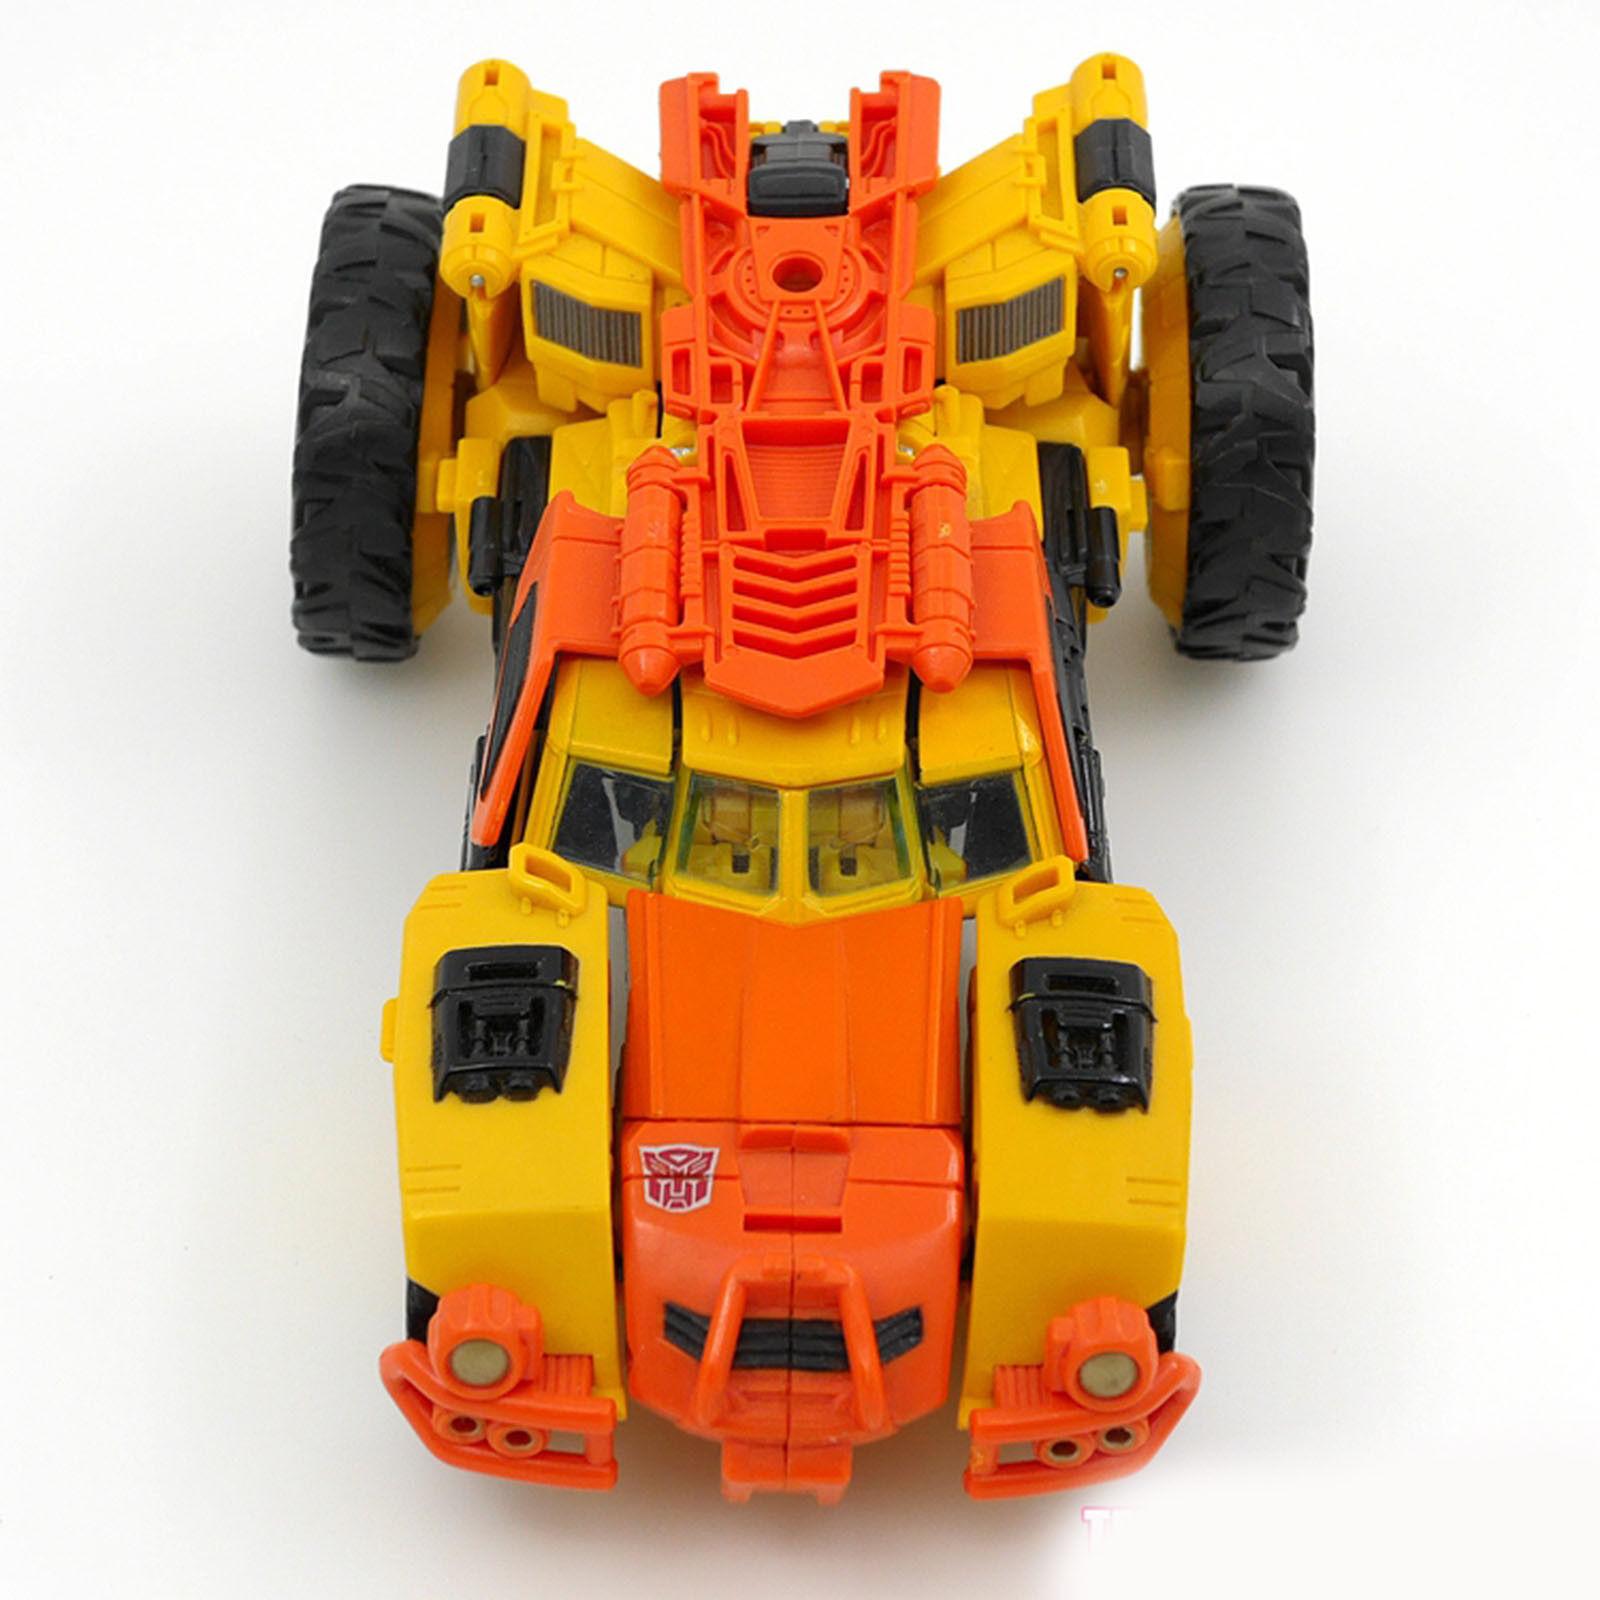 Transformers Generations IDW Voyager Class SANDSTORM  Spielzeug Für Kinder Top